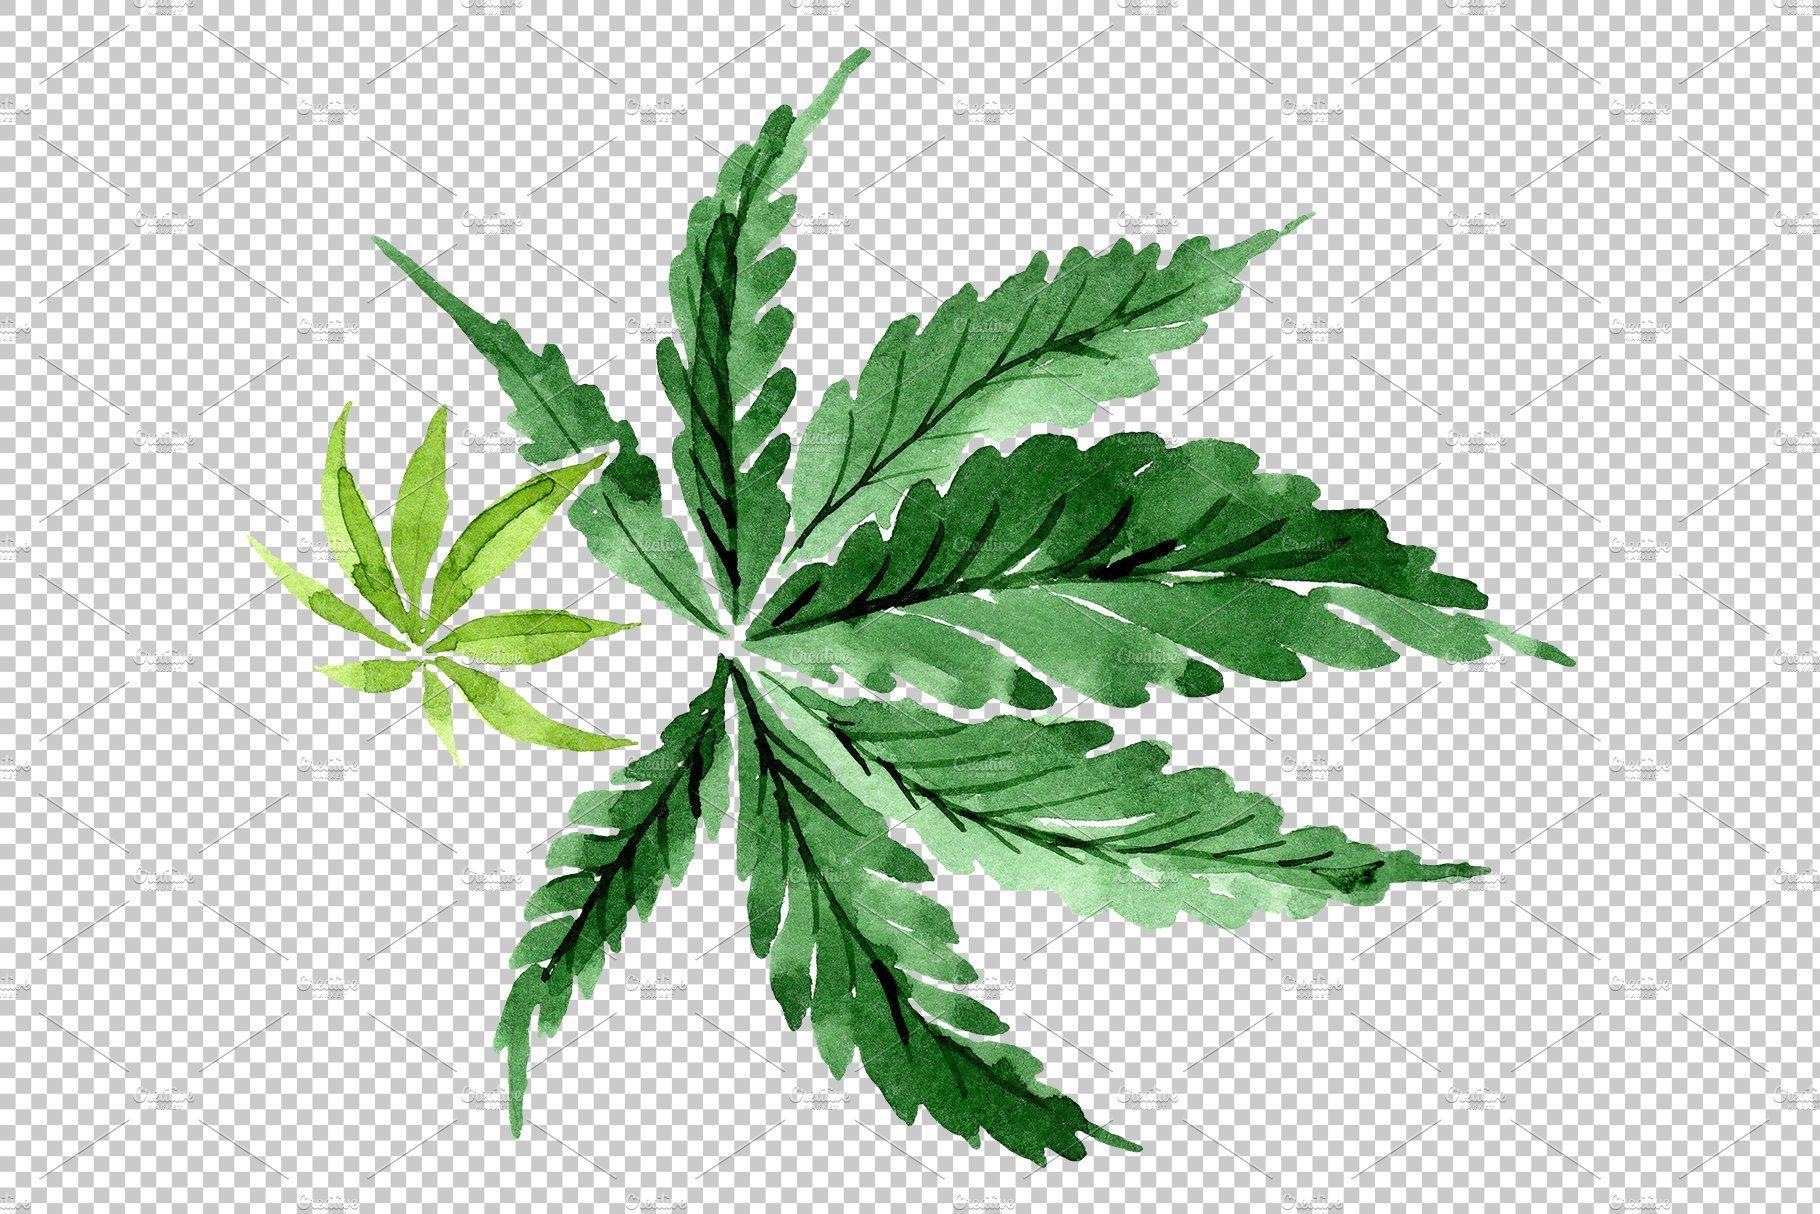 Leaves Hemp Plant Watercolor Png Watercolor Plants Plant Illustration Plants